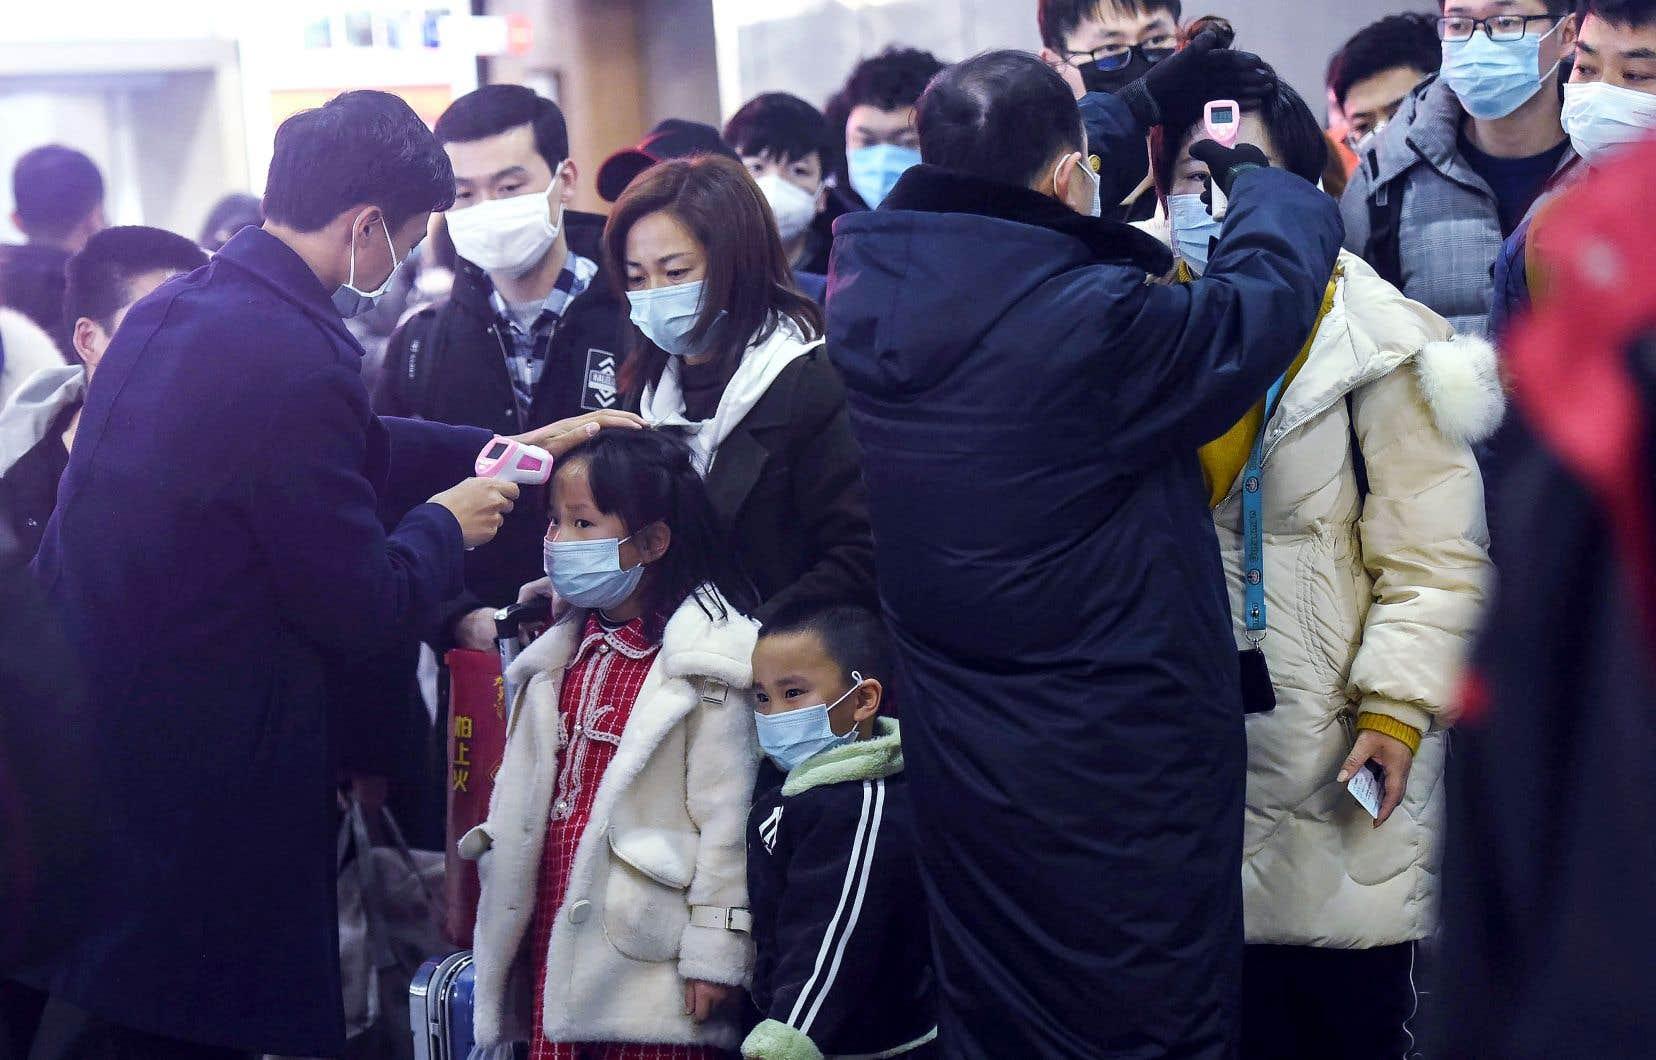 Des employés d'une station de train chinoise de Hangzhou vérifient la température corporelle de voyageurs en provenance de Wuhan, épicentre de l'épidémie.